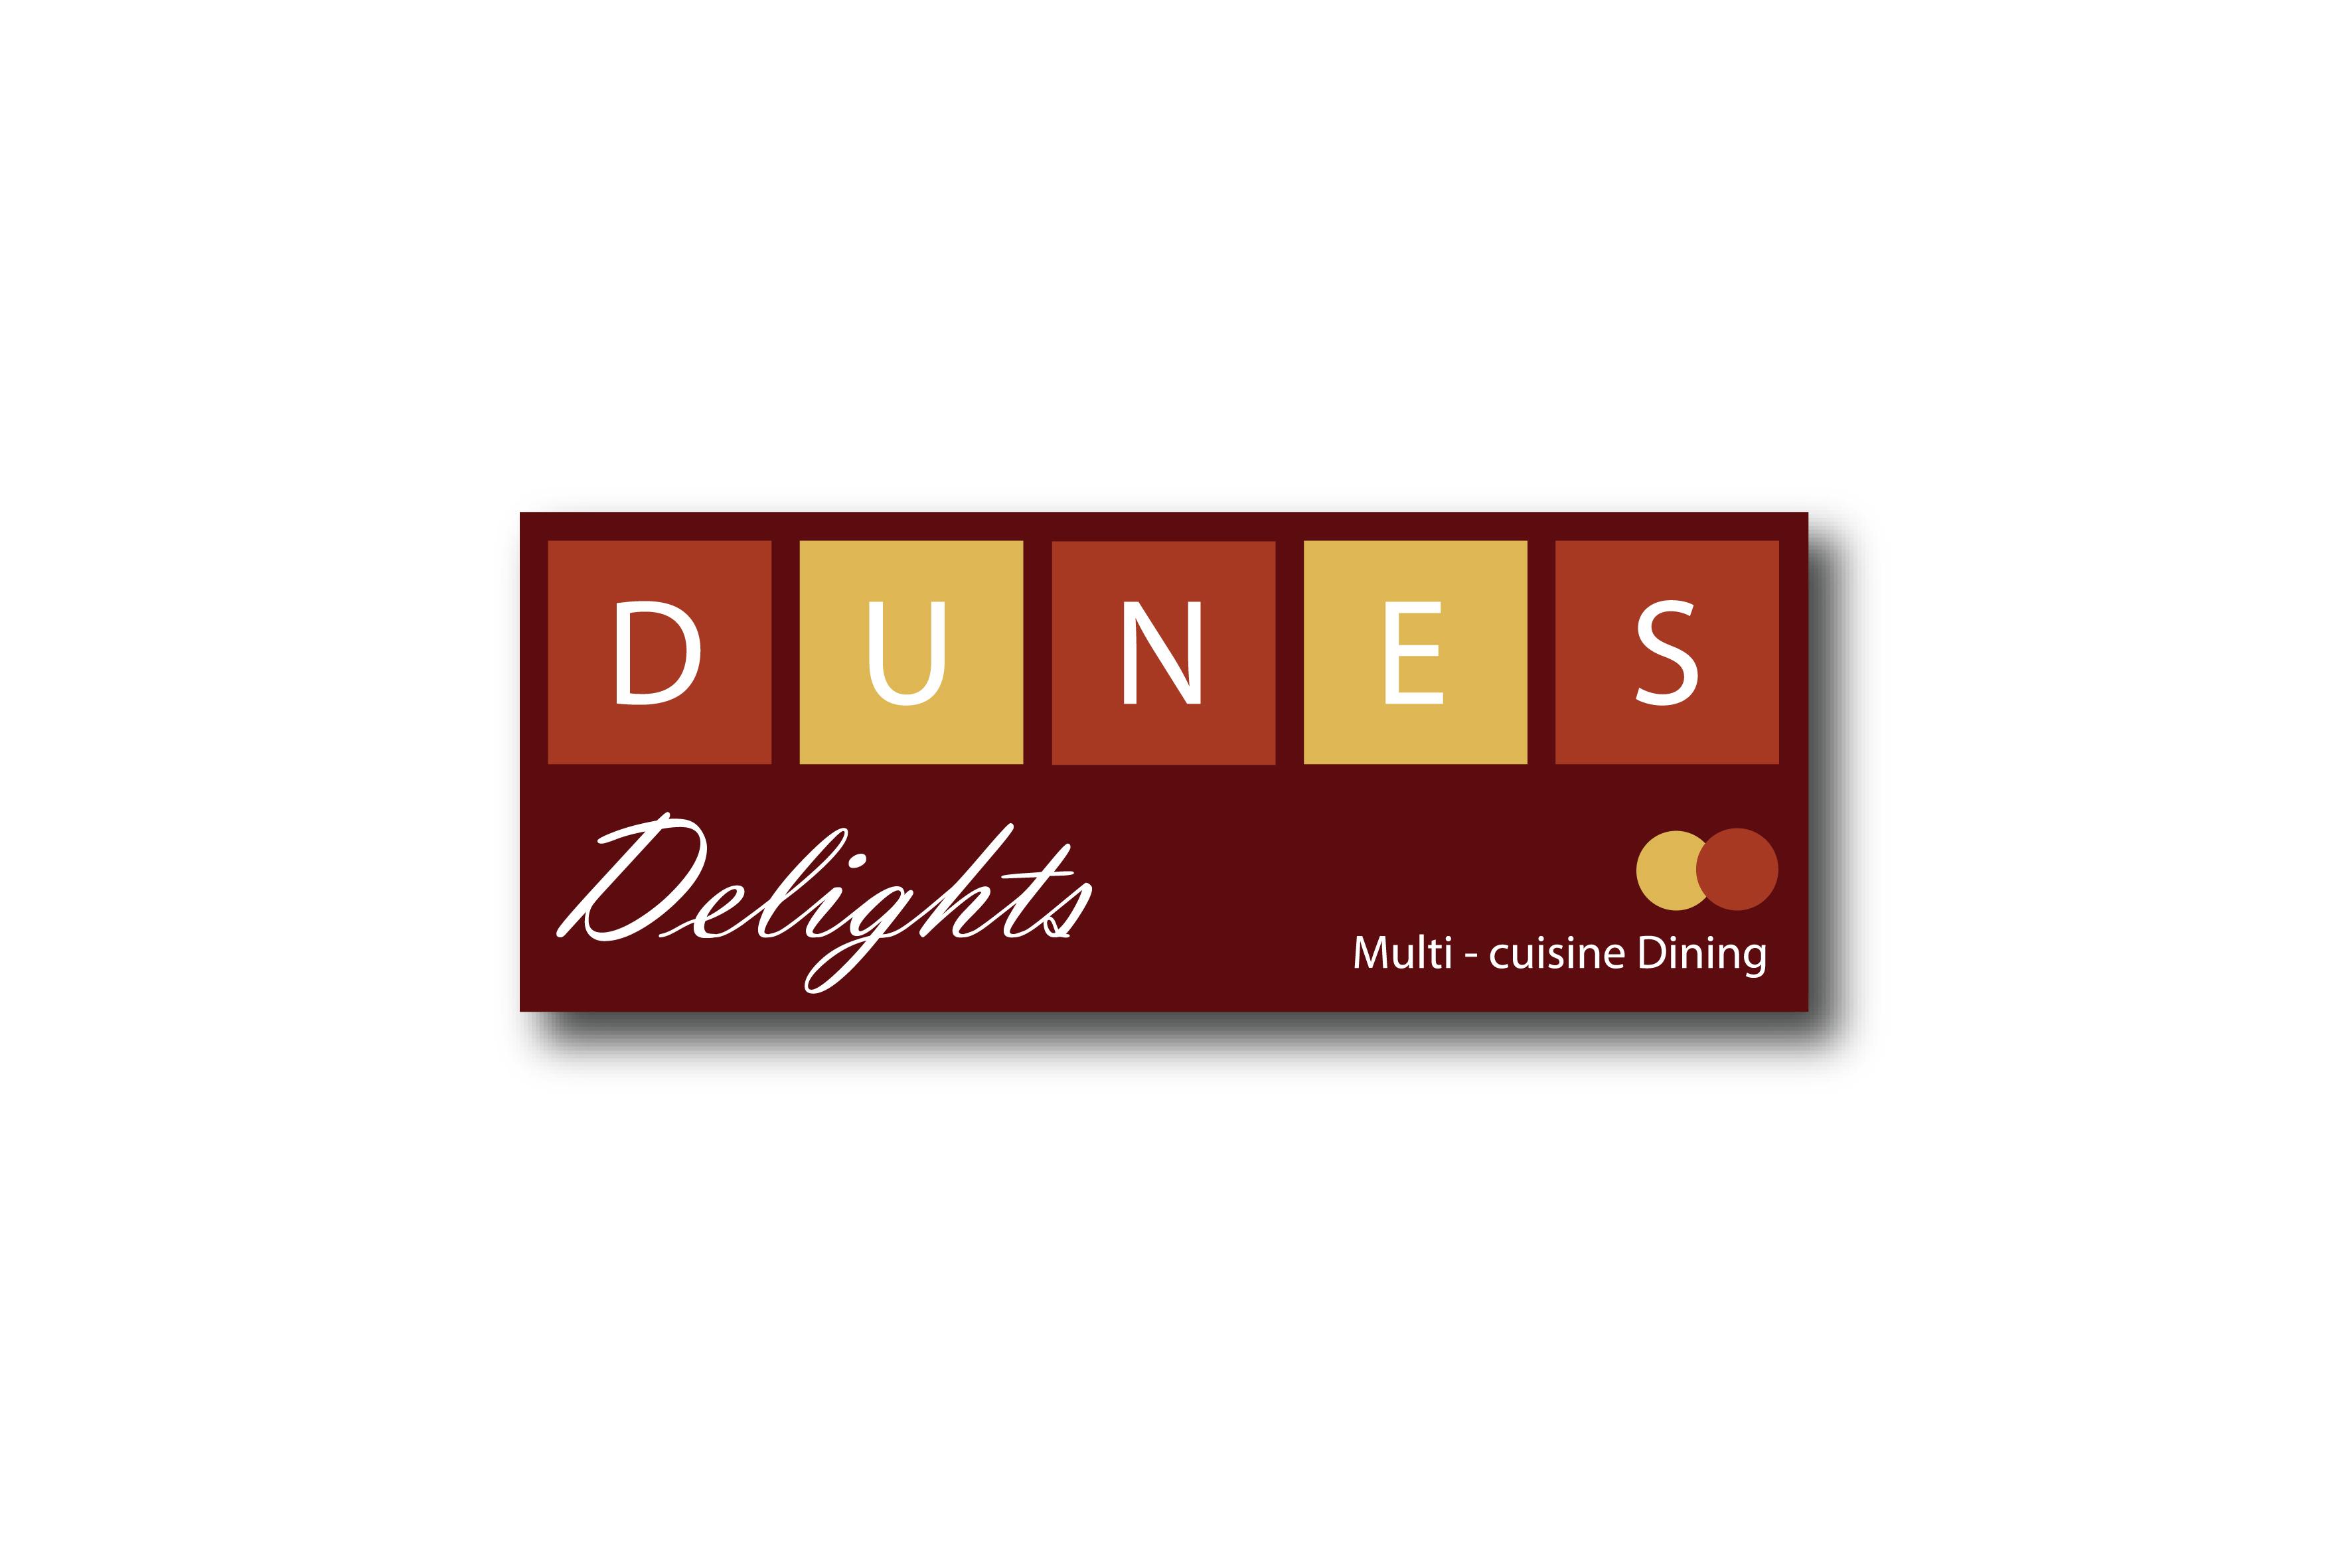 Dunes Delights